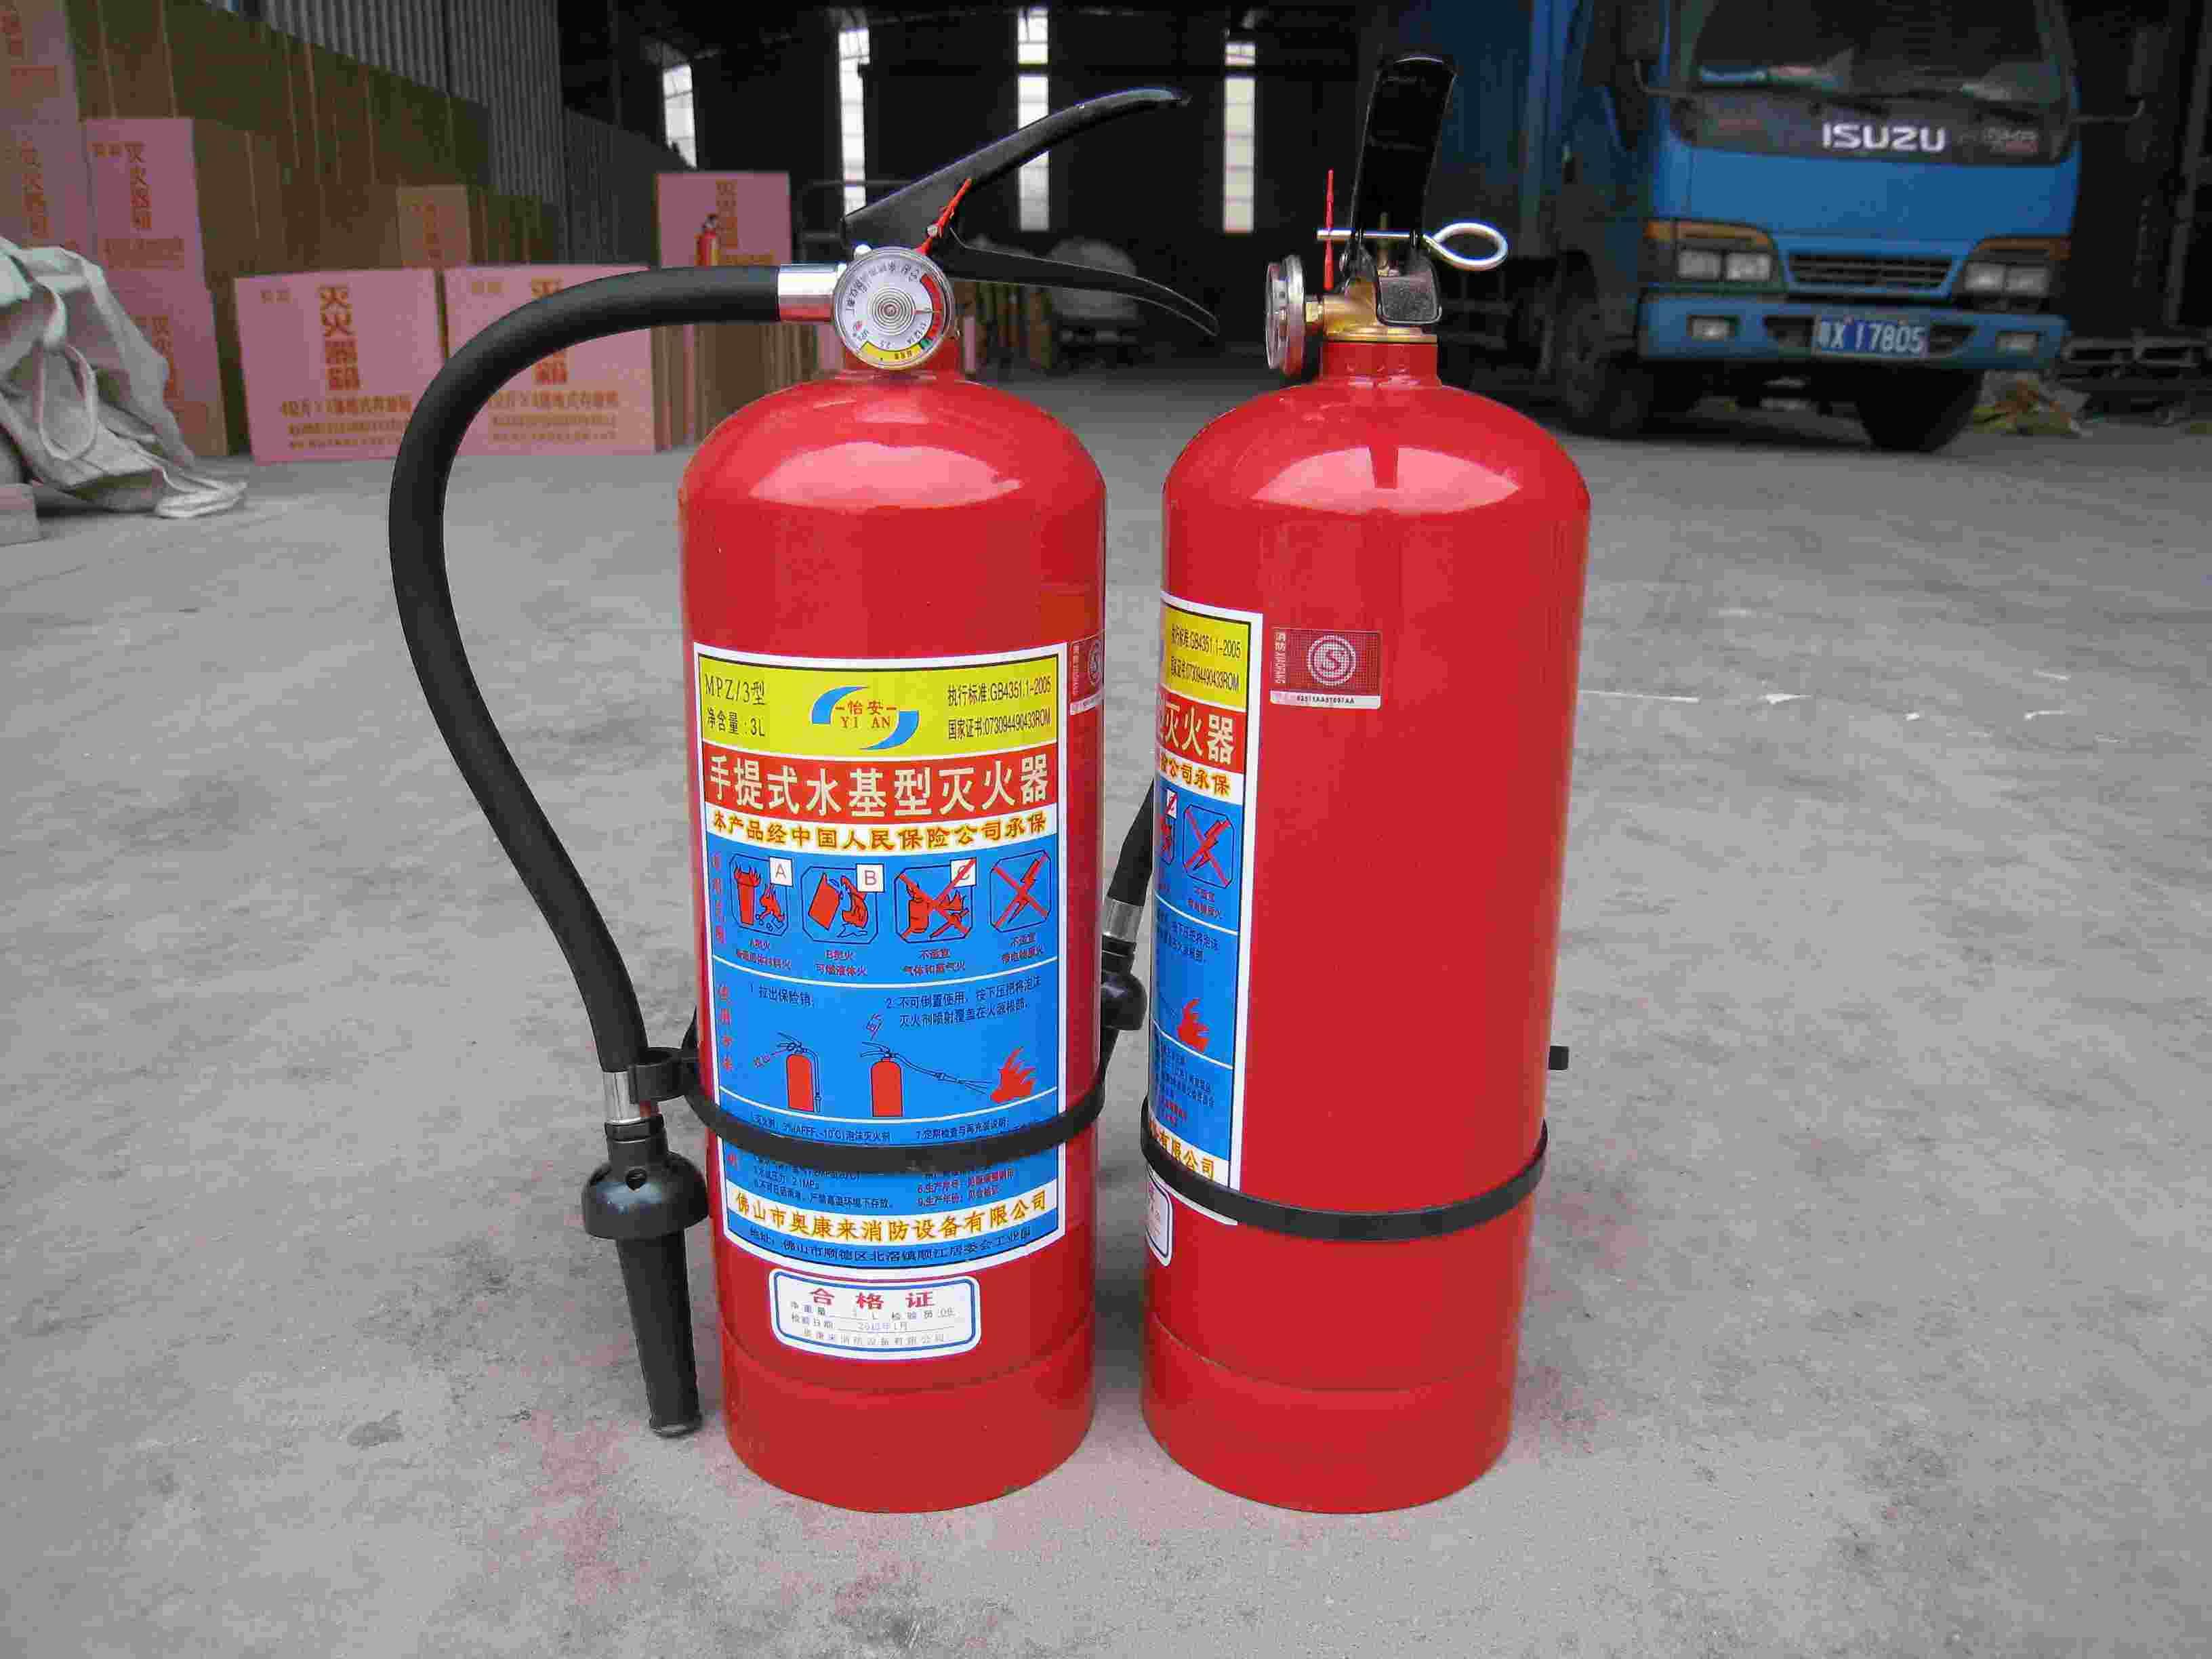 35公斤灭火器-用于消防的高倍数泡沫灭火剂有多少种